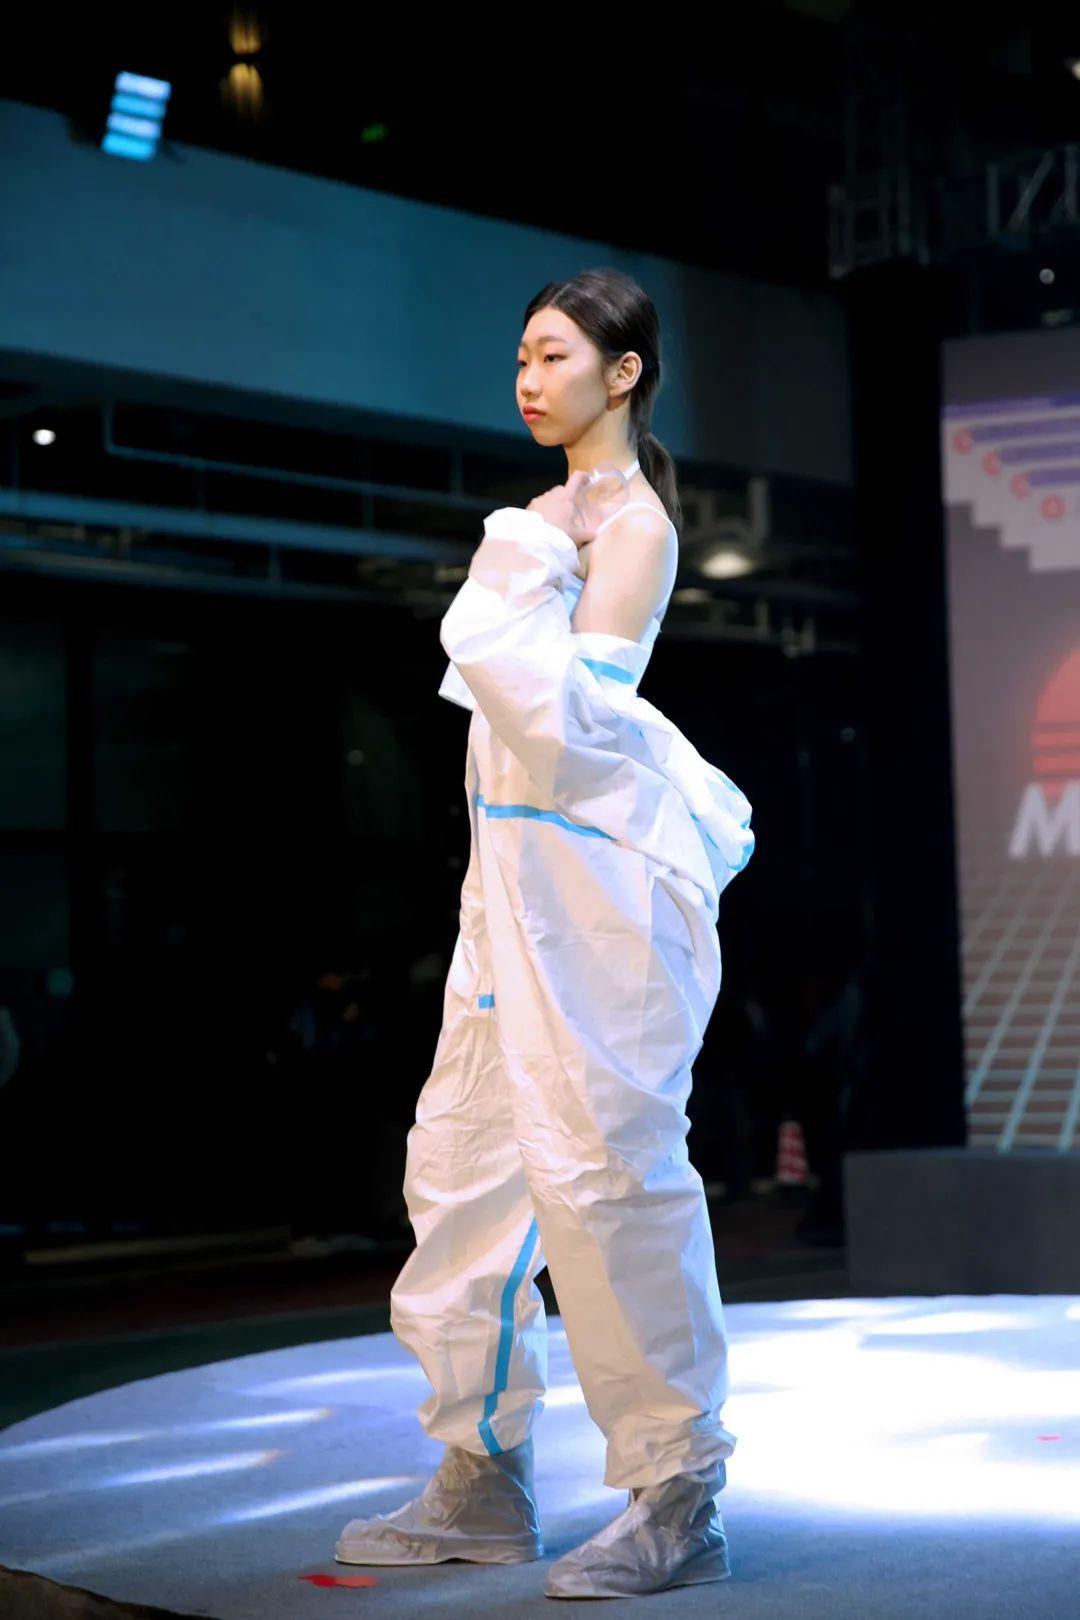 深国交2021 Fashion Show - 校园活动 疫情之下的时尚  深国交 深圳国际交流学院 第24张